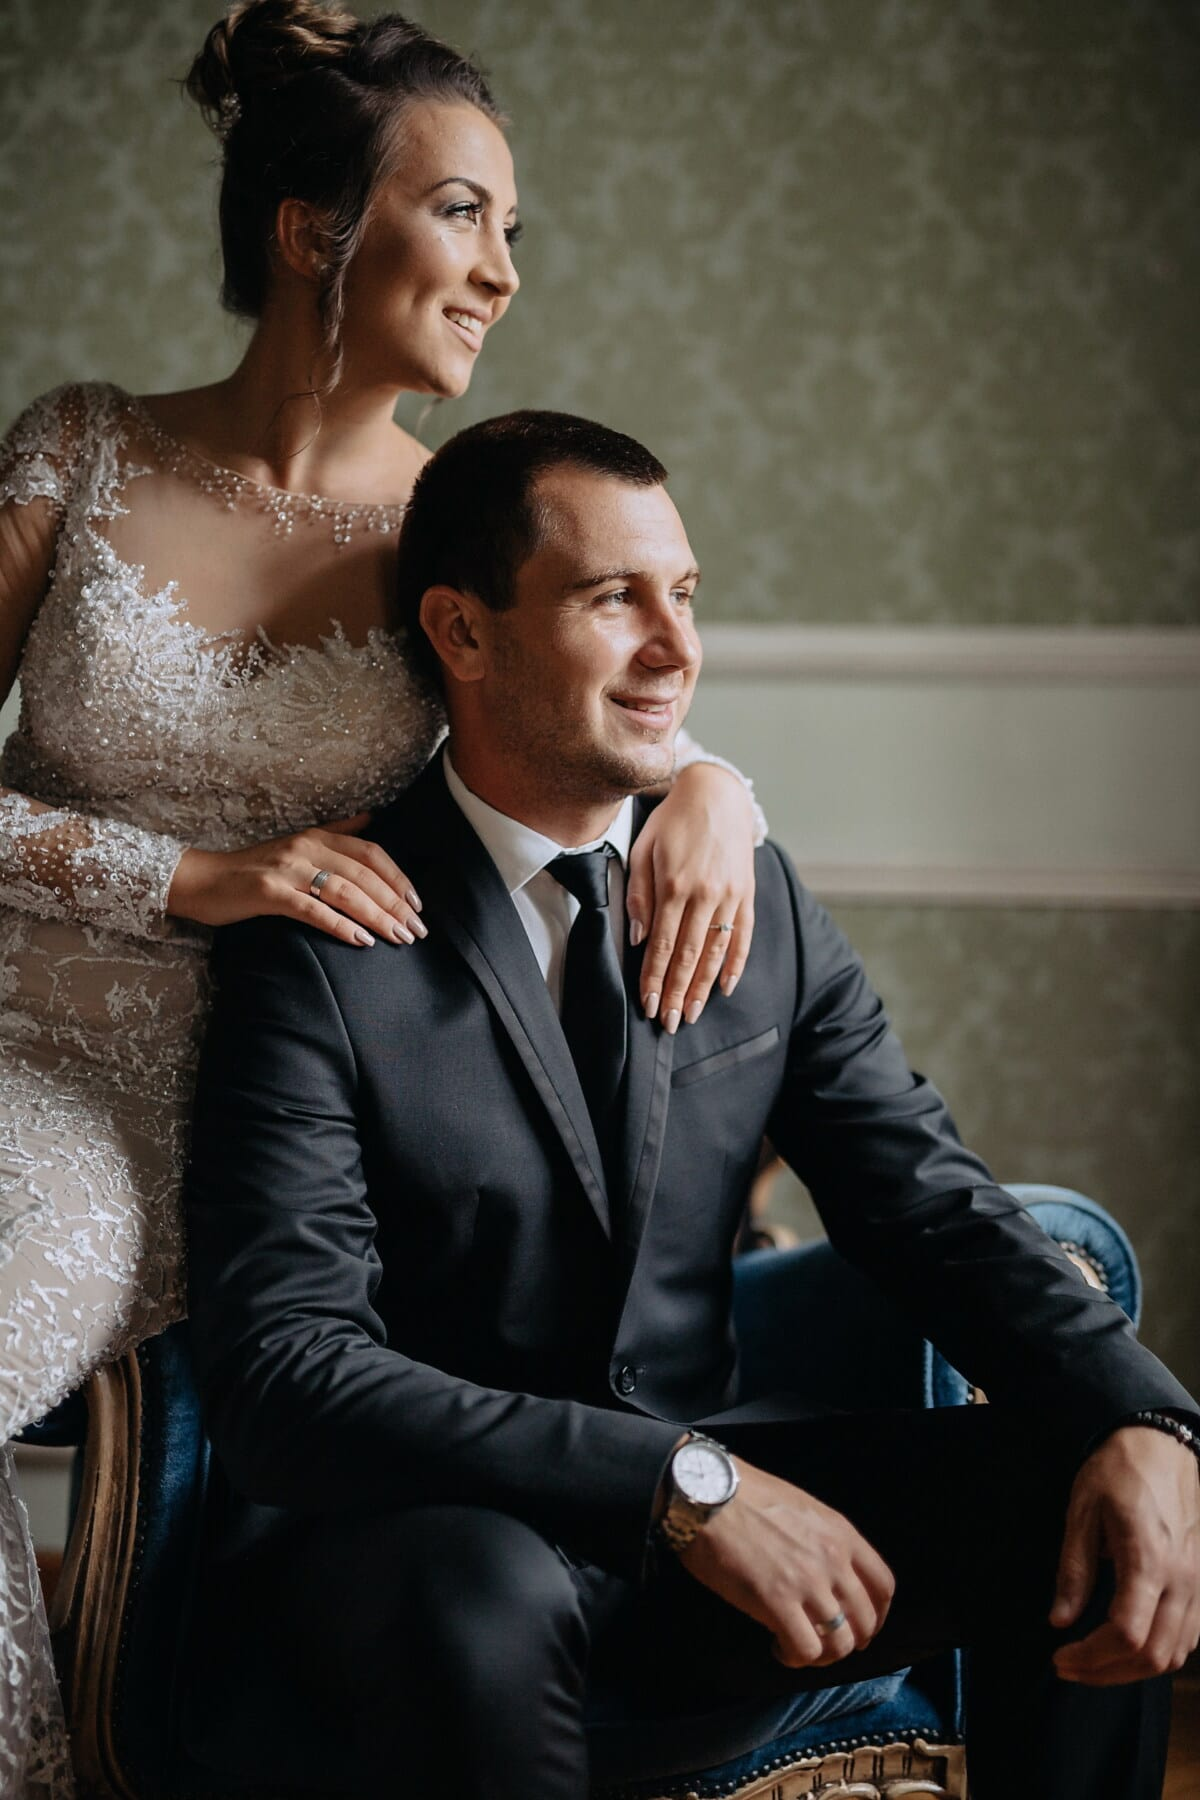 džentlmen, dáma, kreslo, posedenie, Apartmán, Luxusné, portrét, podnikanie, podnikateľ, svadba